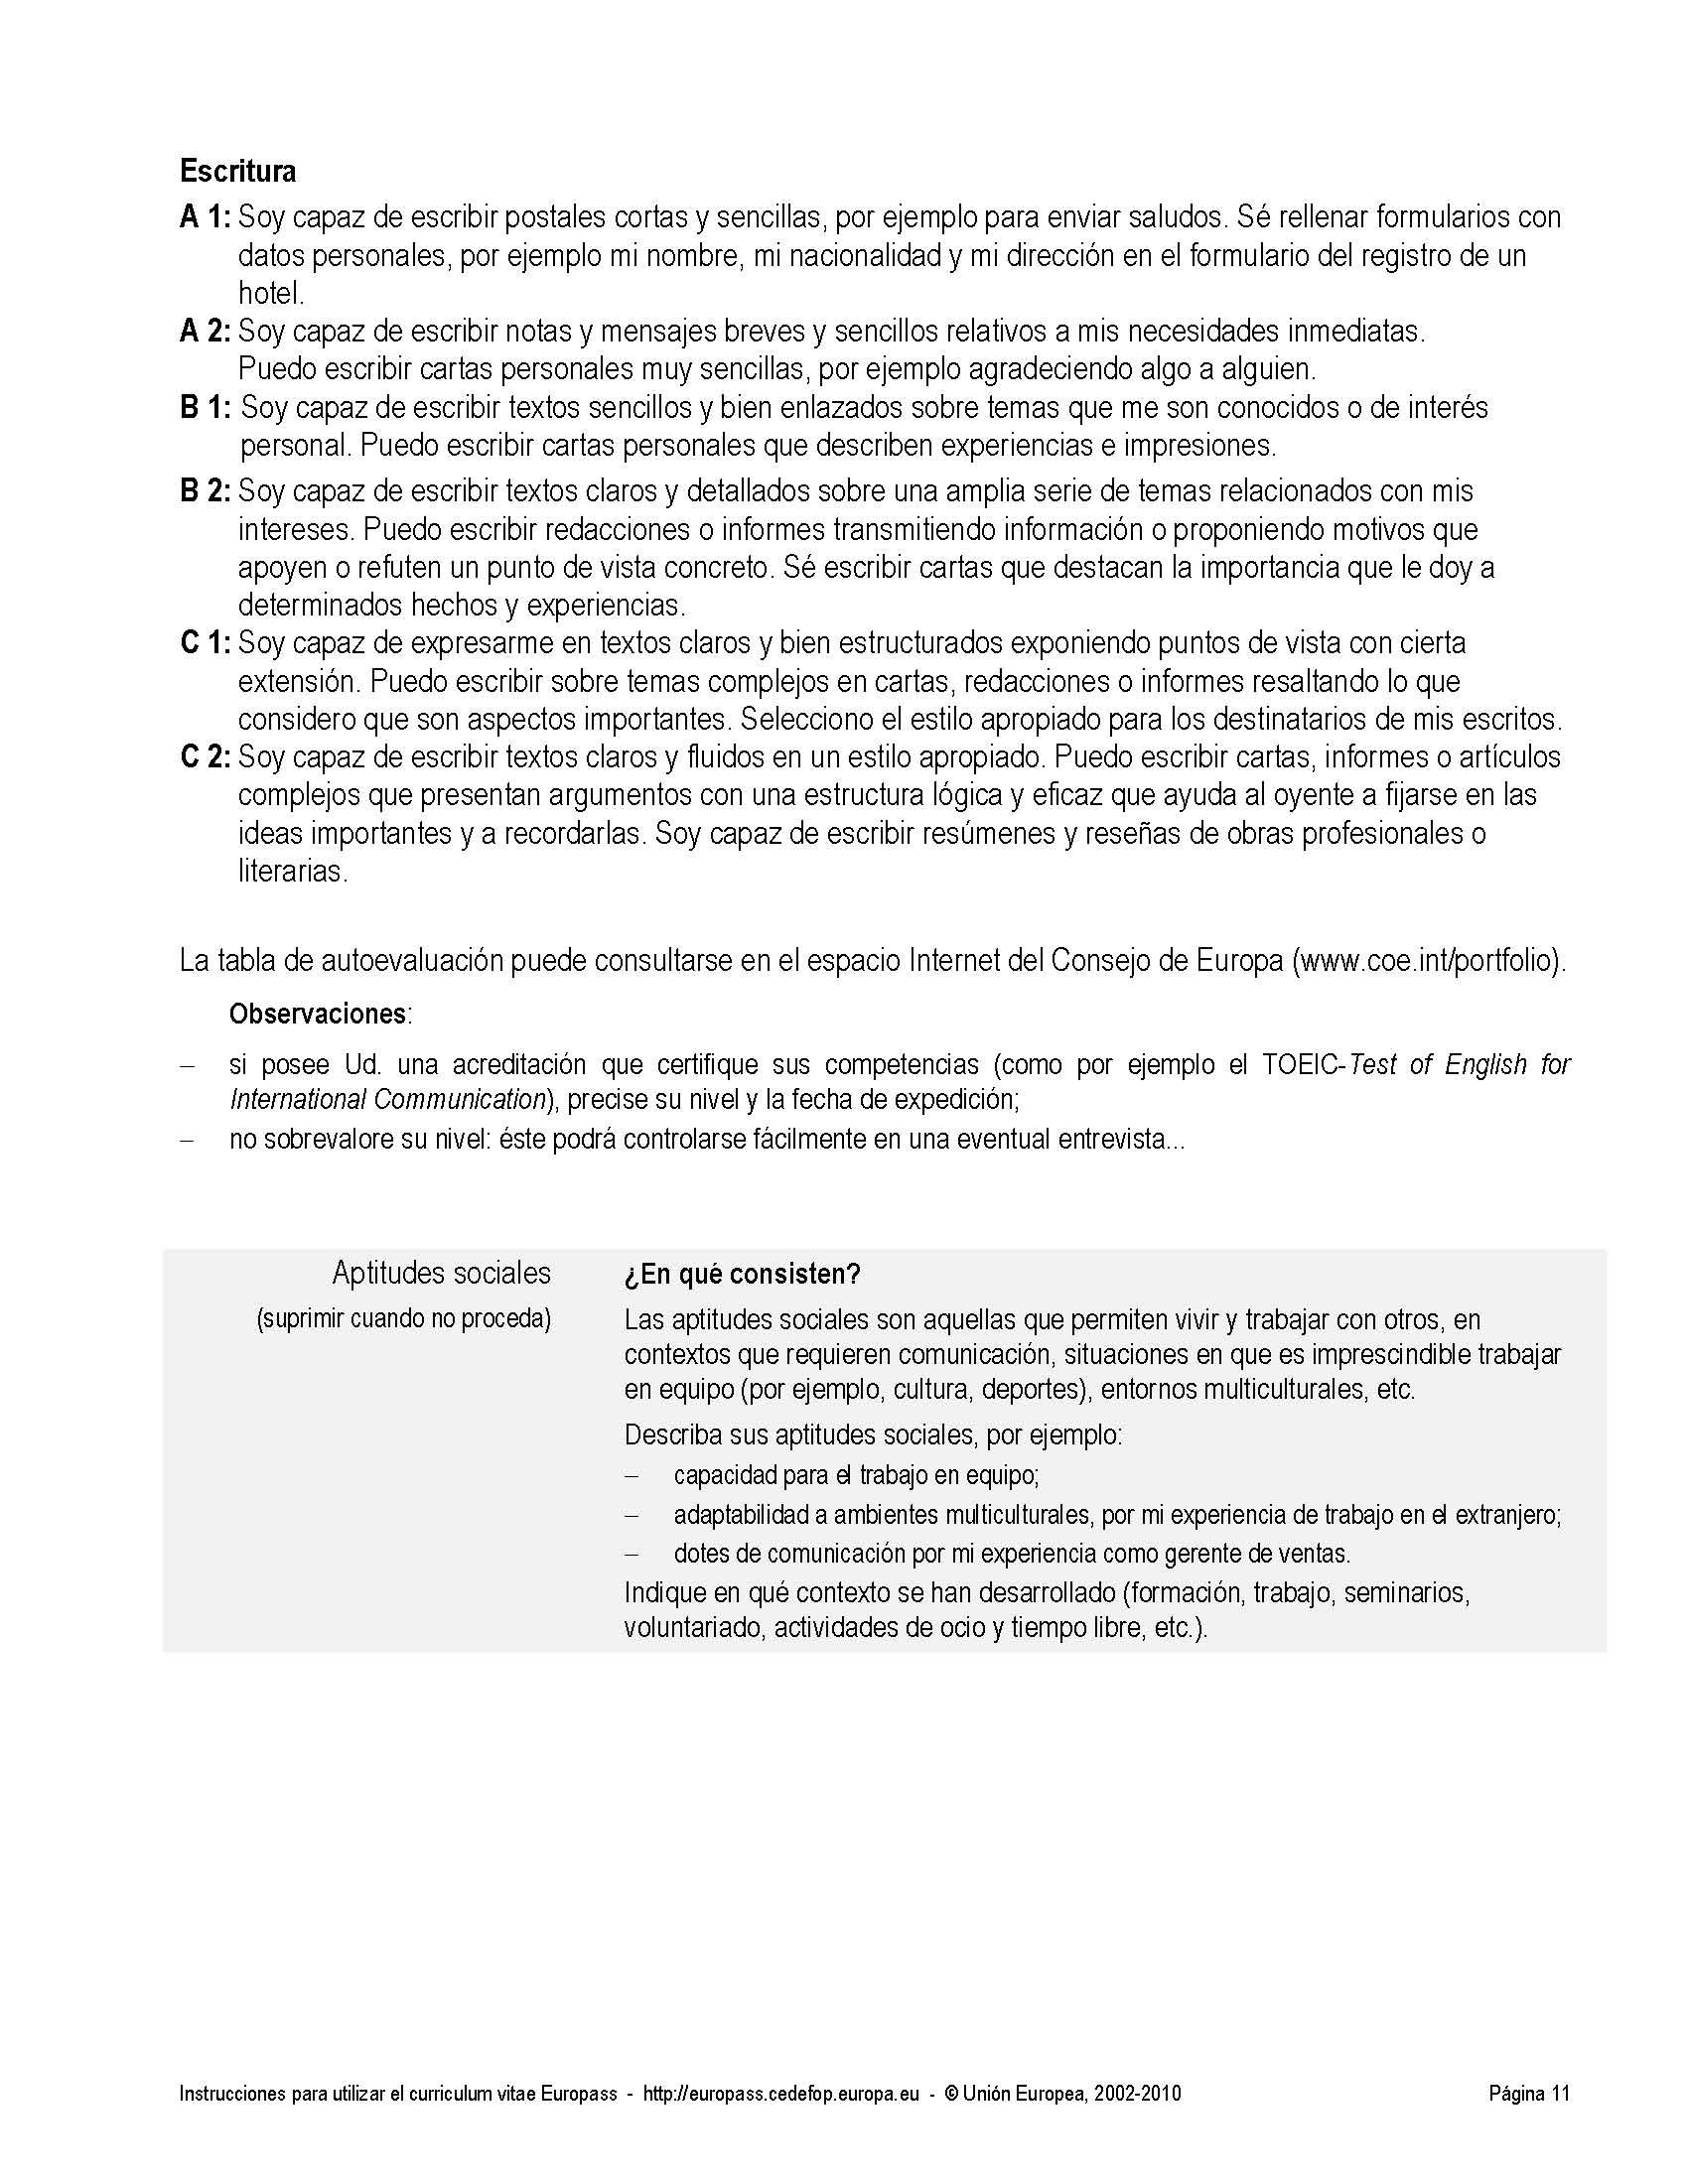 Asombroso Enviar Currículum Para Trabajos En El Extranjero Viñeta ...